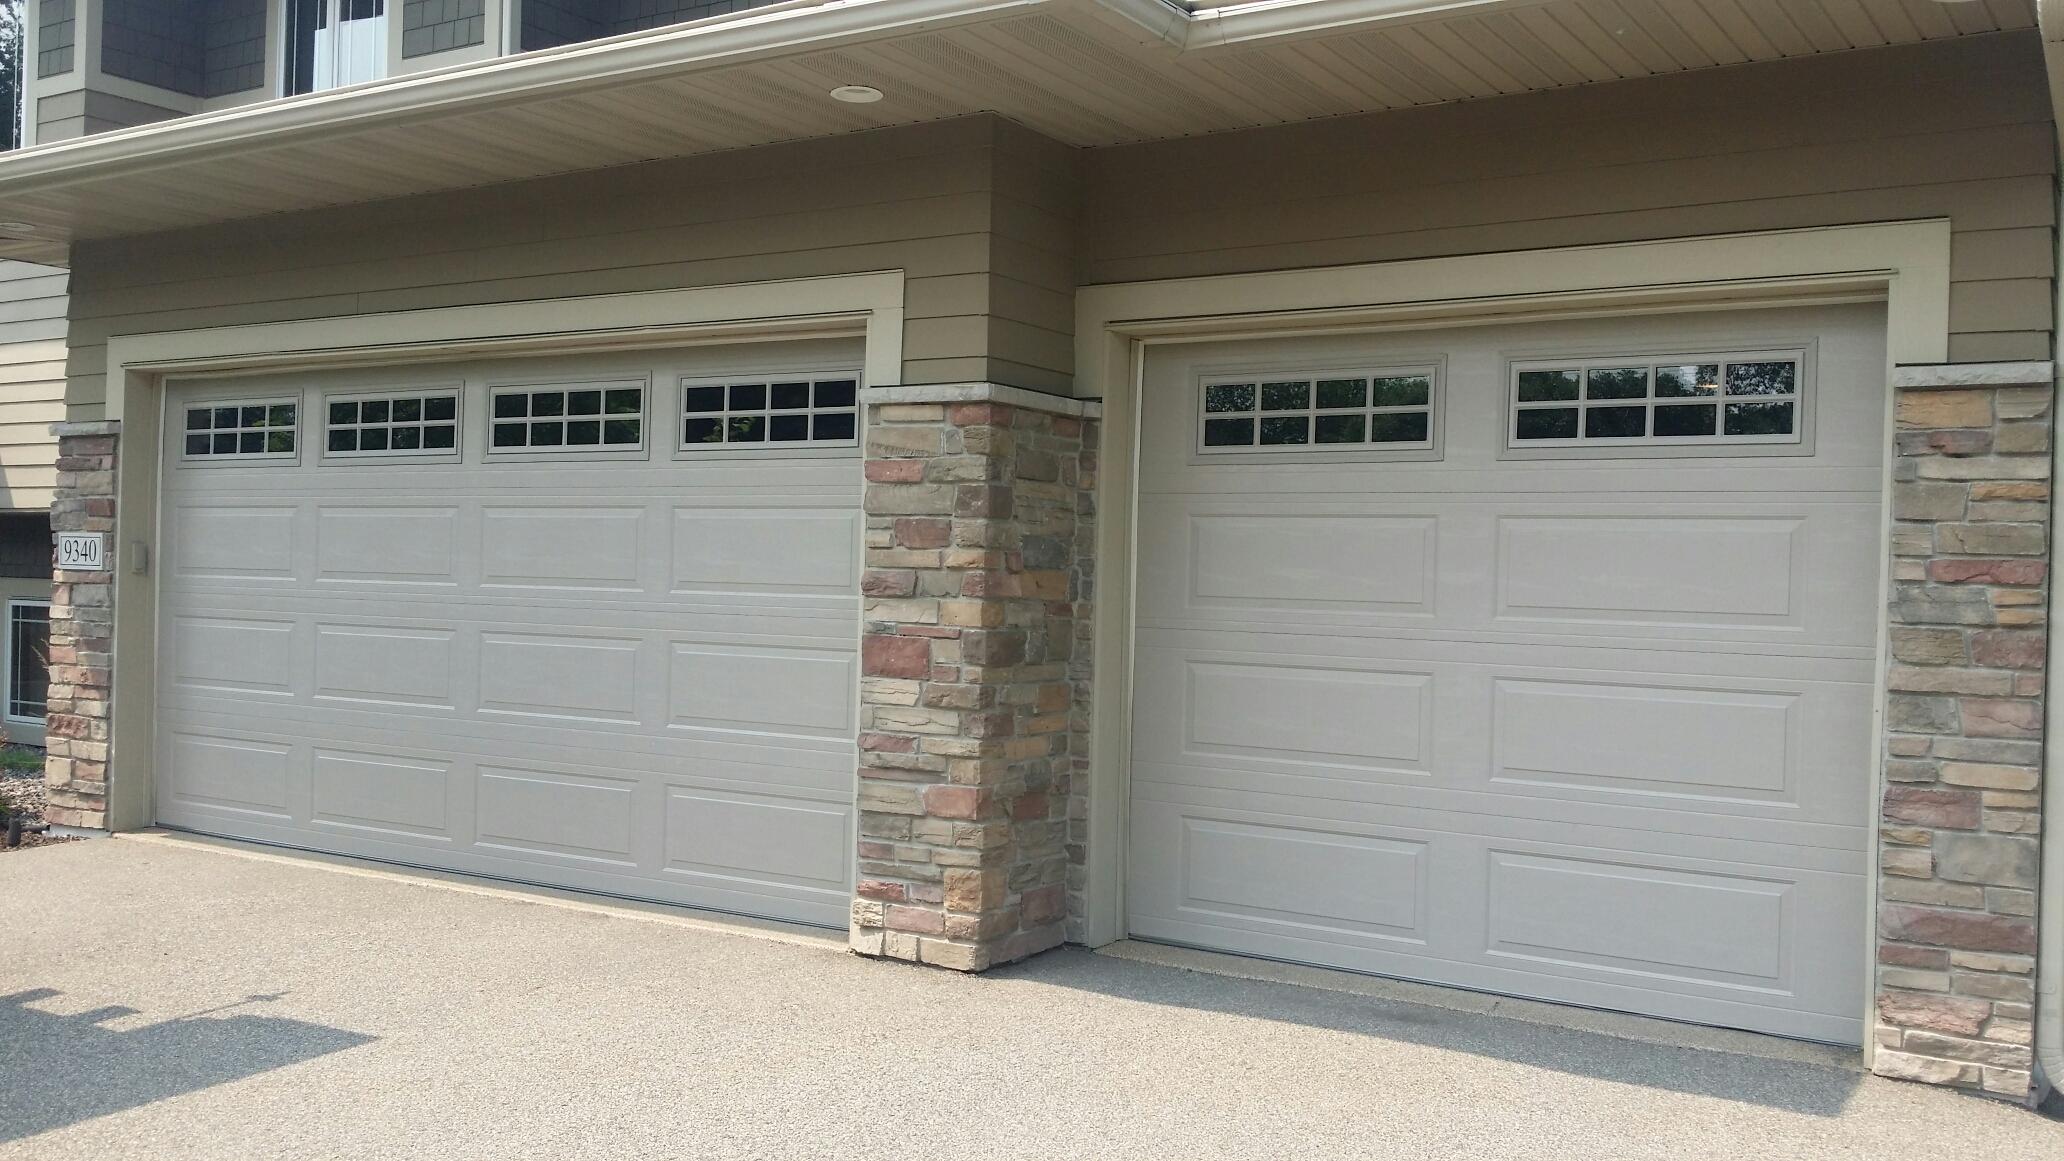 jon installed north central lp138 16x7 u00279 and 9x7u00279 garage doors